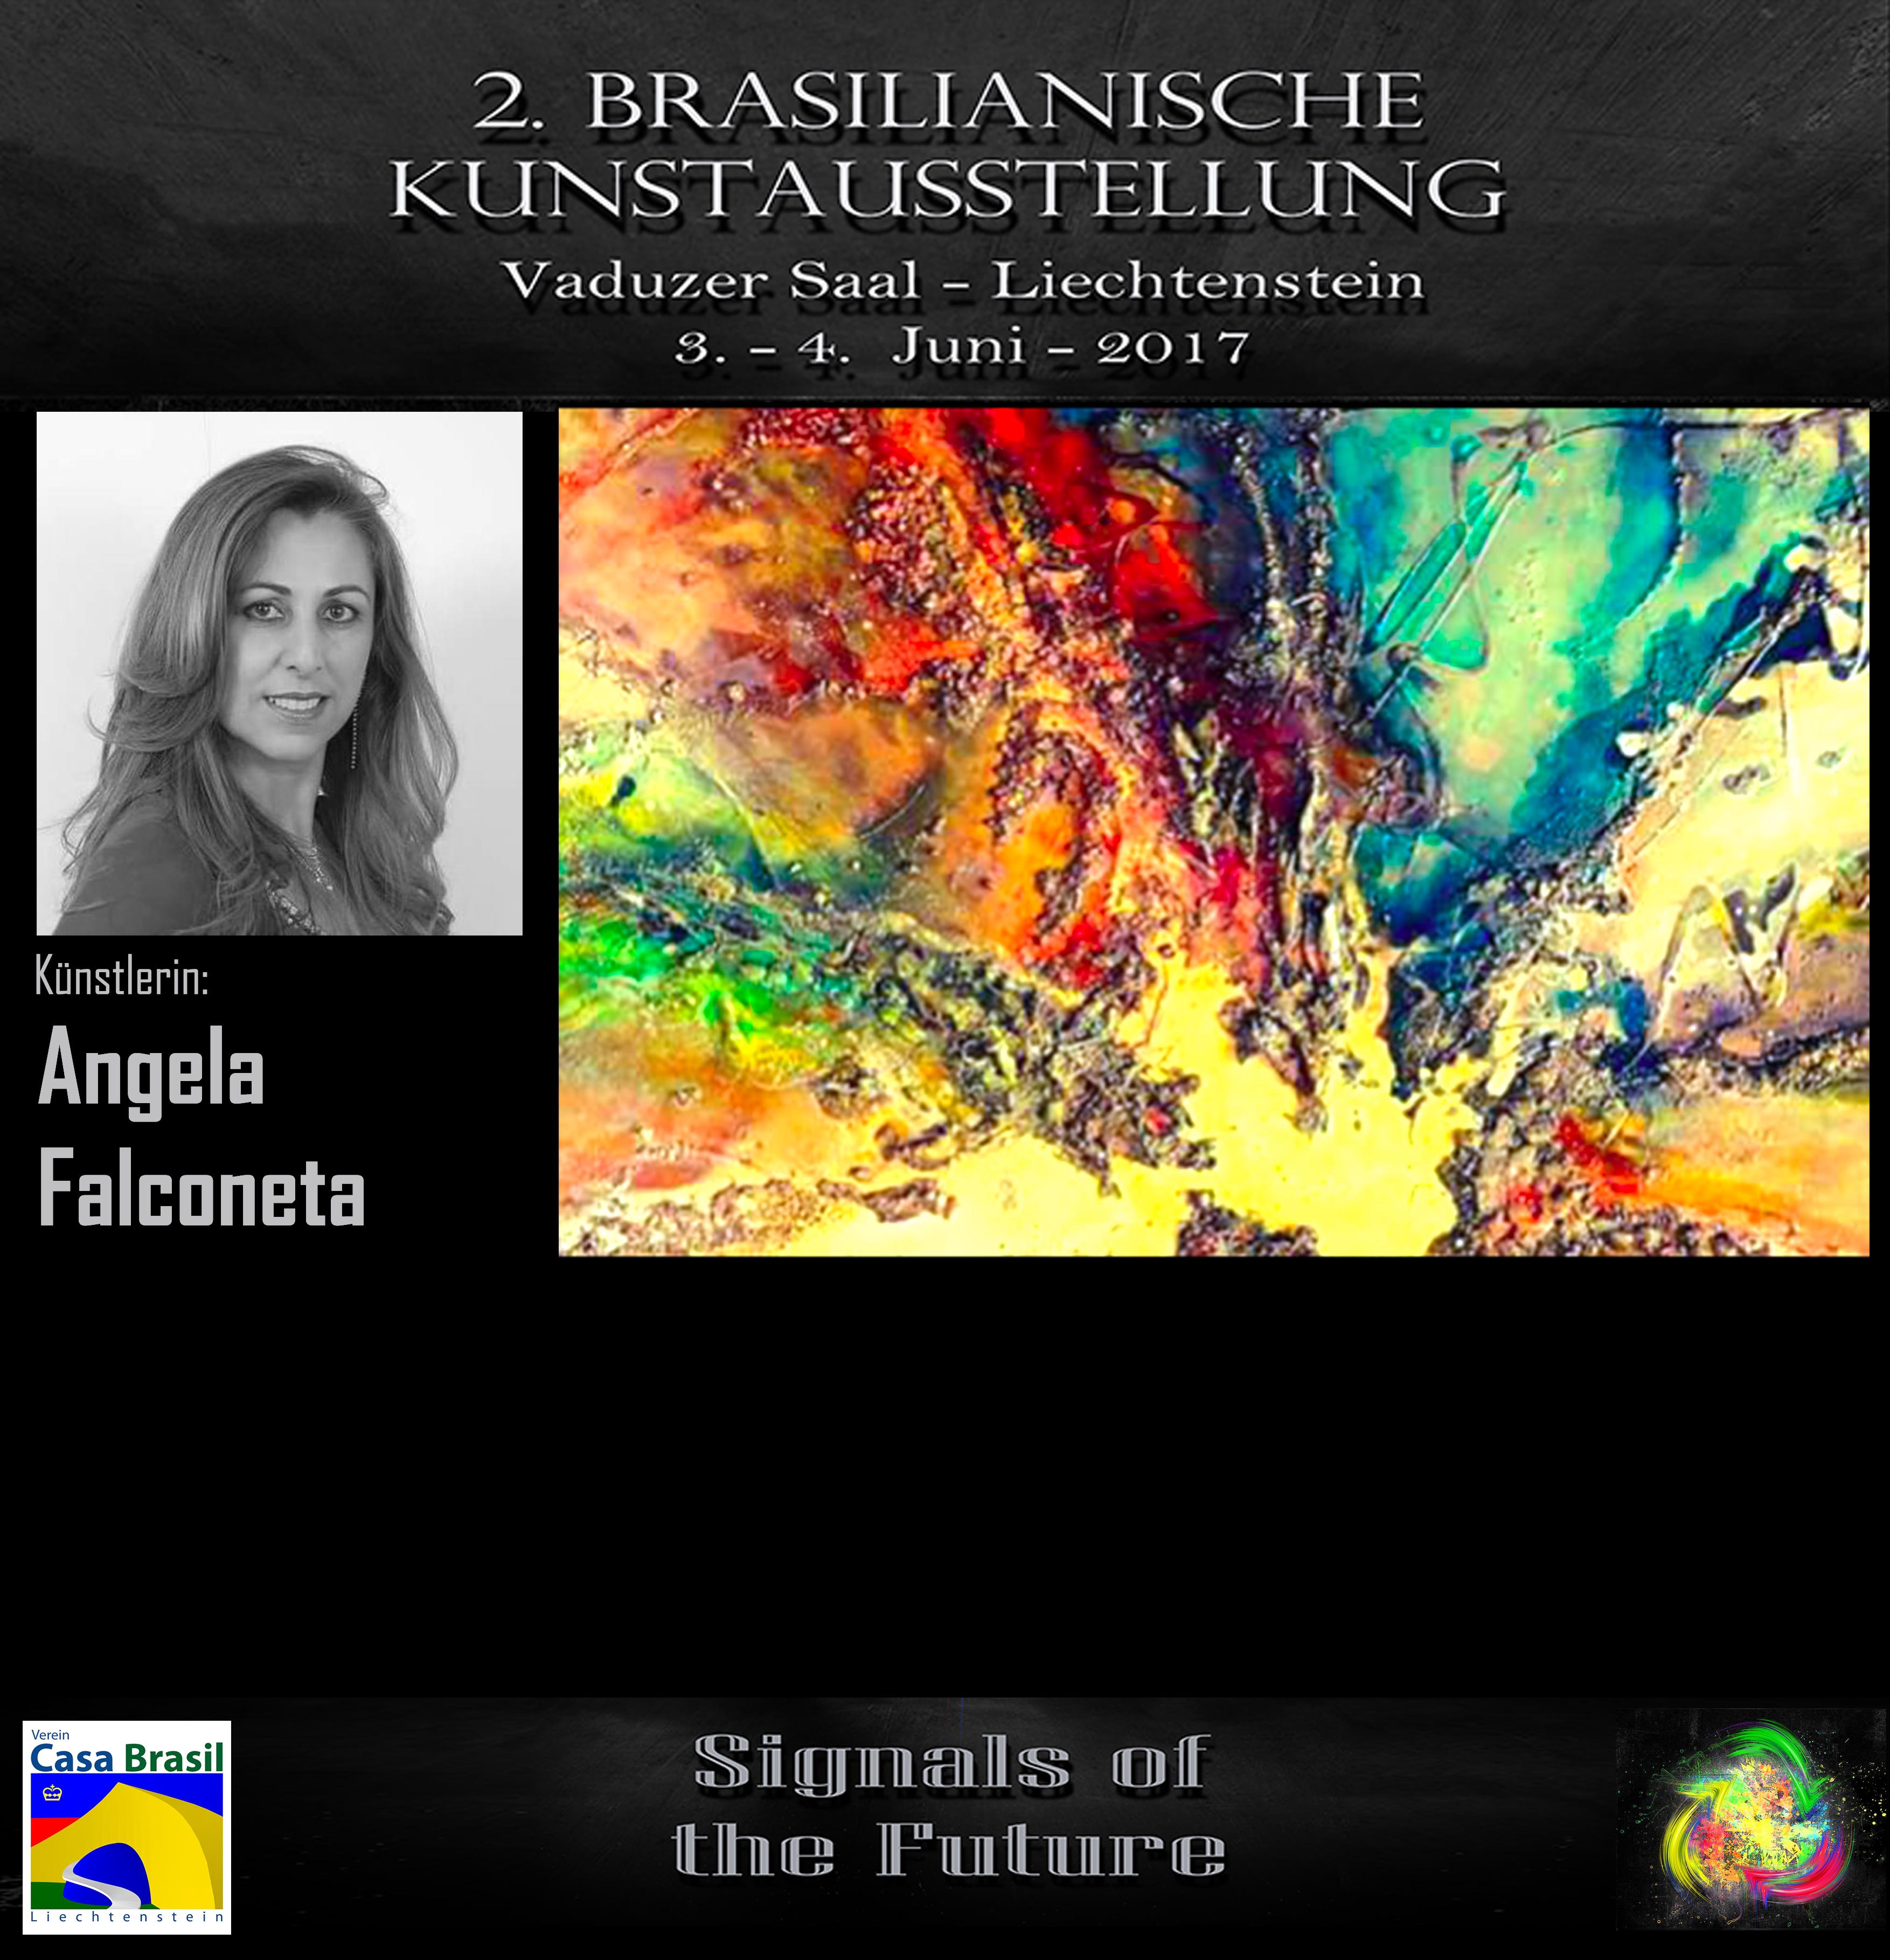 Angela Falconeta